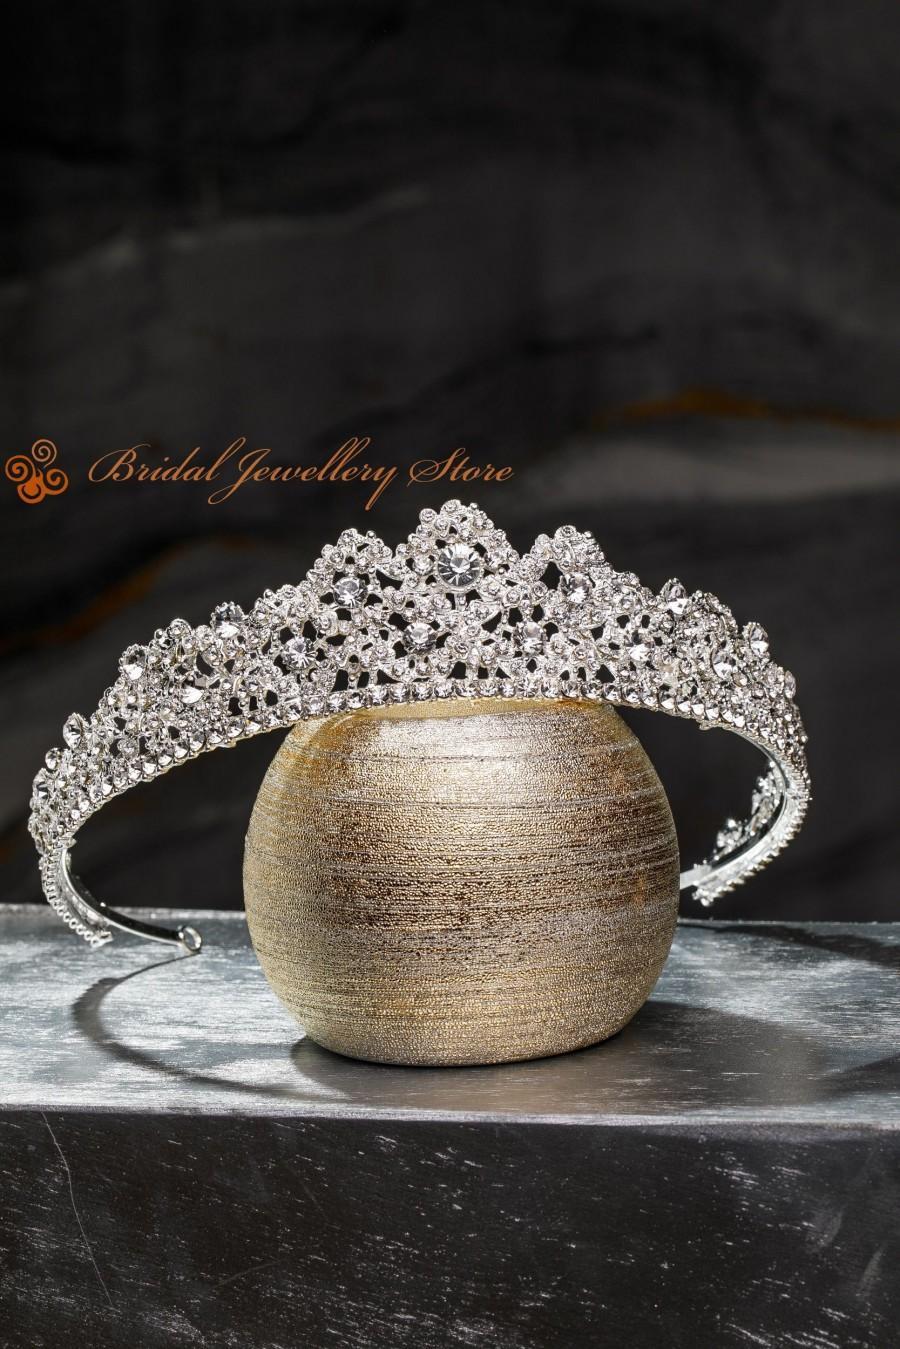 زفاف - Bridal Tiara,Silver Tiara,Crystal Bridal Crown,Wedding Tiara,Wedding Hair Accessory,Wedding Headpiece,Bridal Hairpiece,Swarovski Crystals !